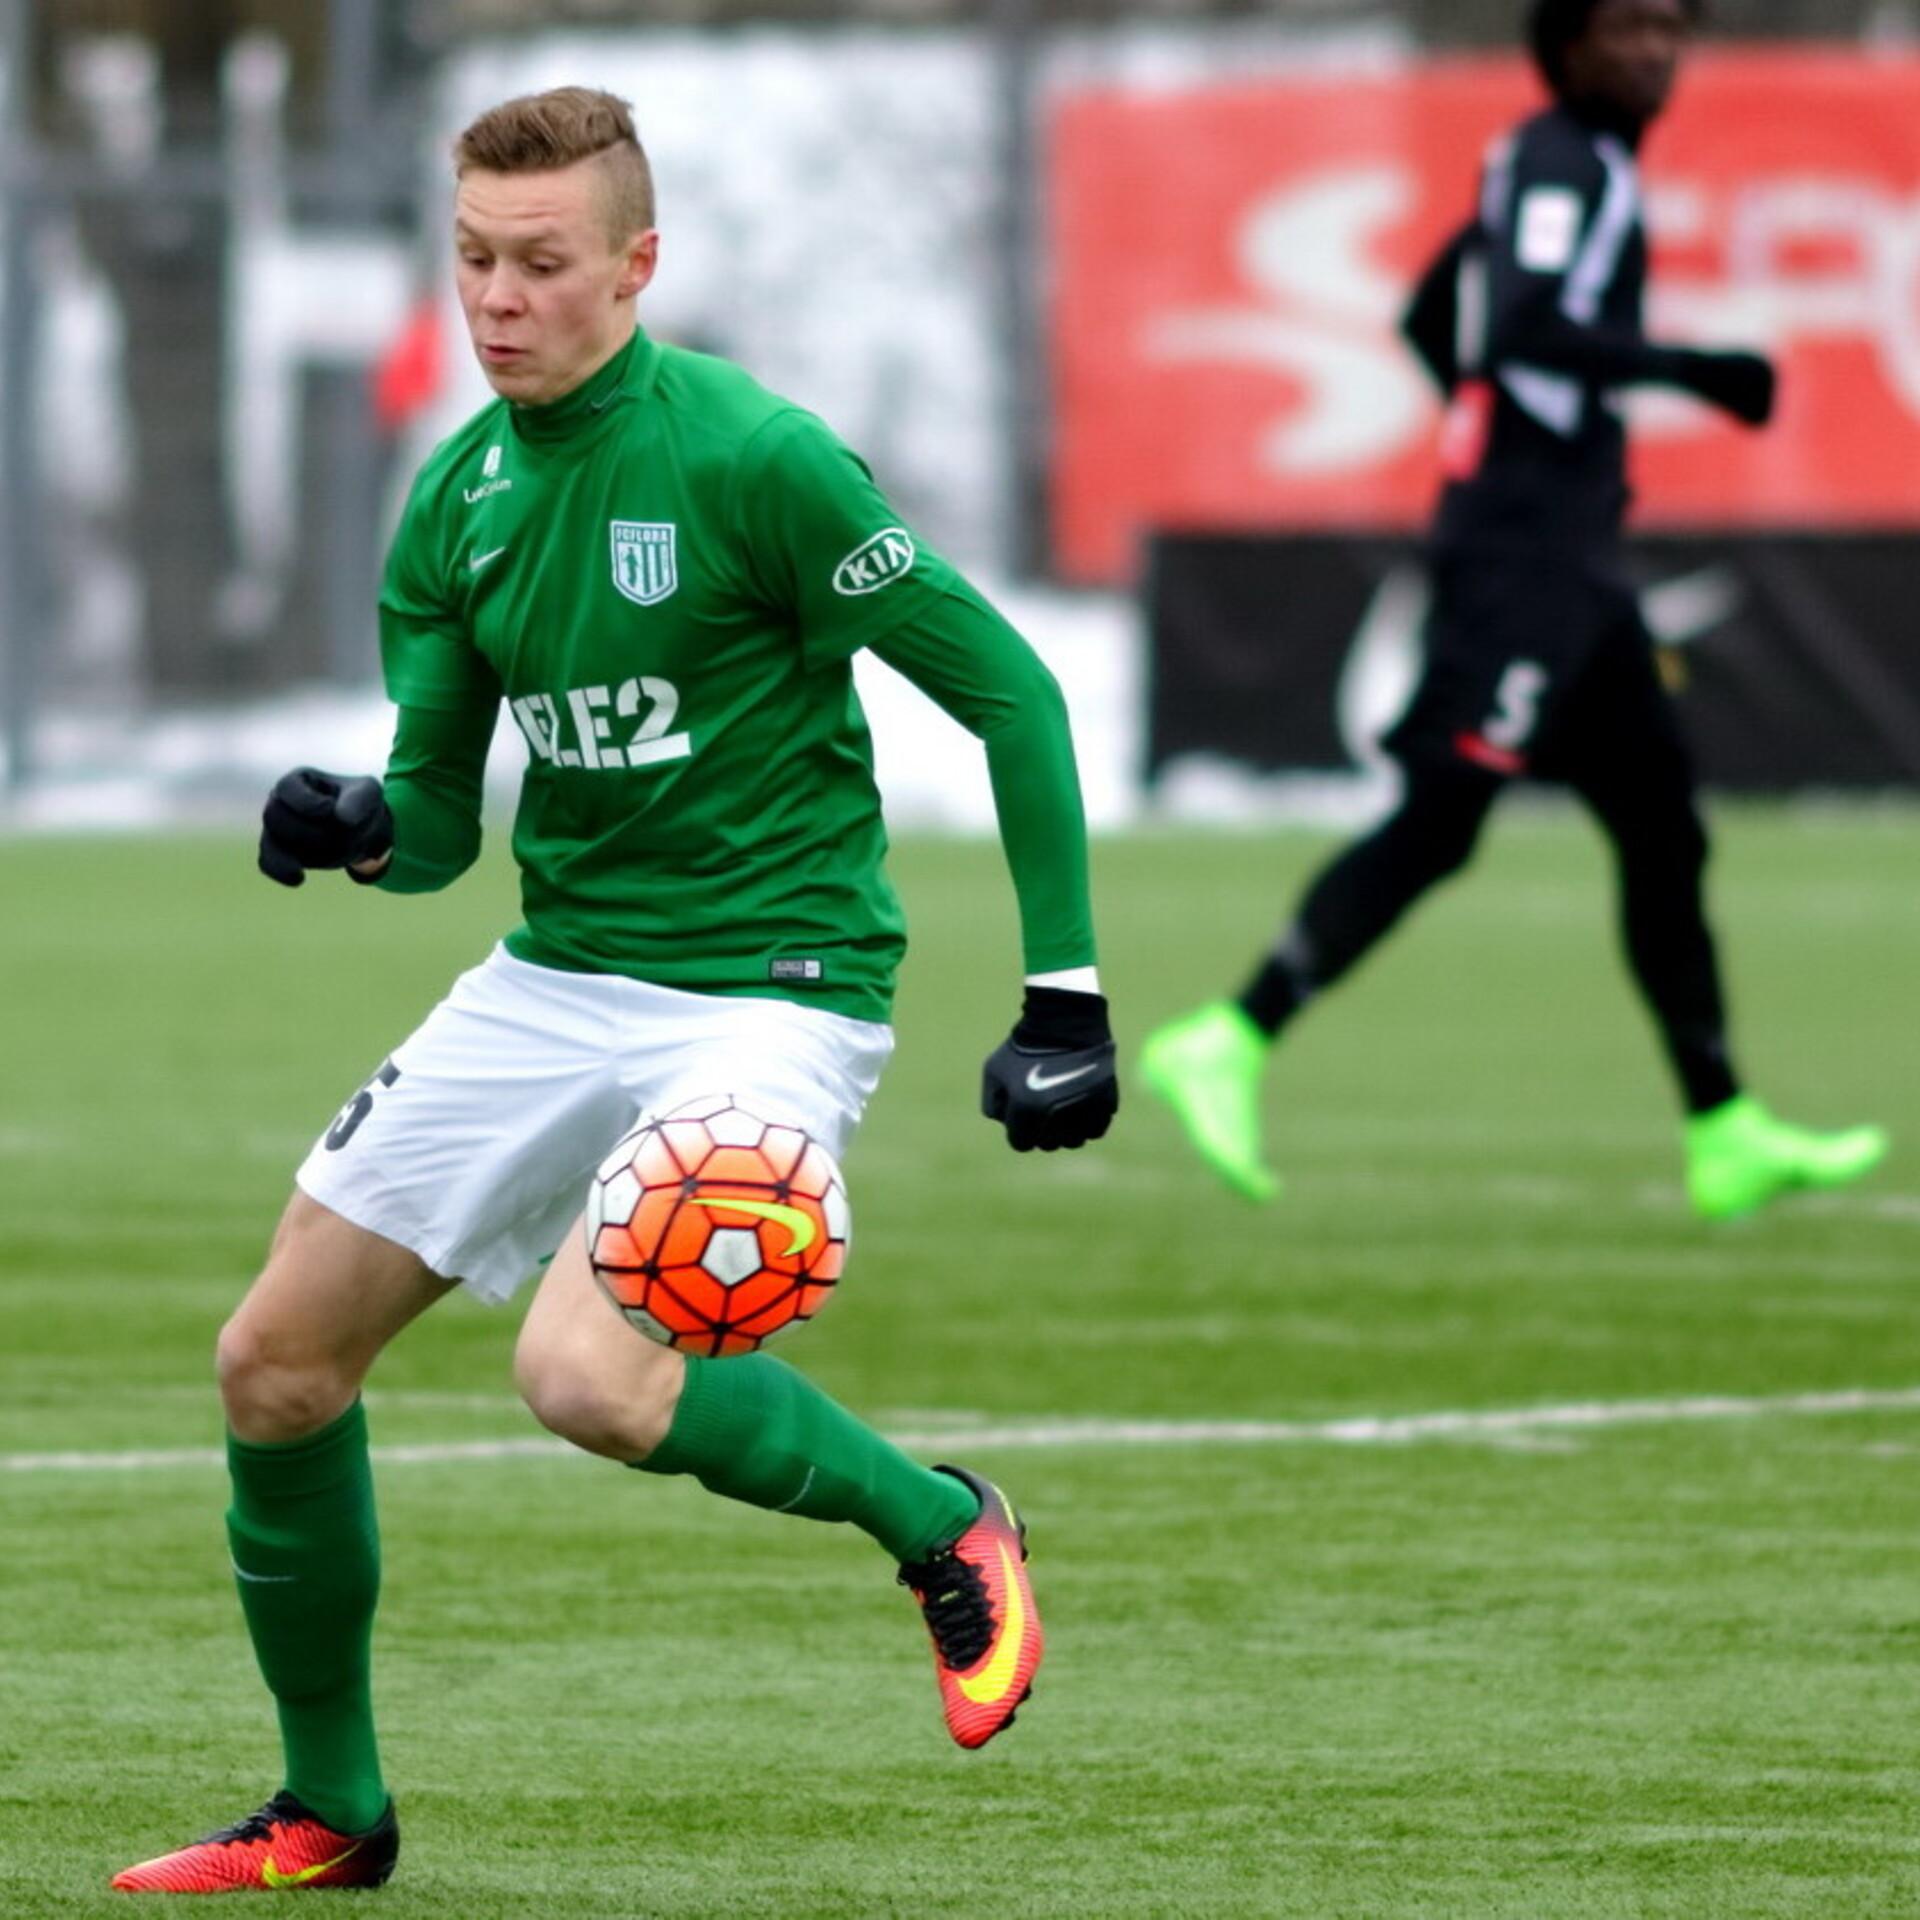 e1310360631 Poom ja Lepik lõid madalama liiga klubile kumbki viis väravat | Jalgpall |  ERR